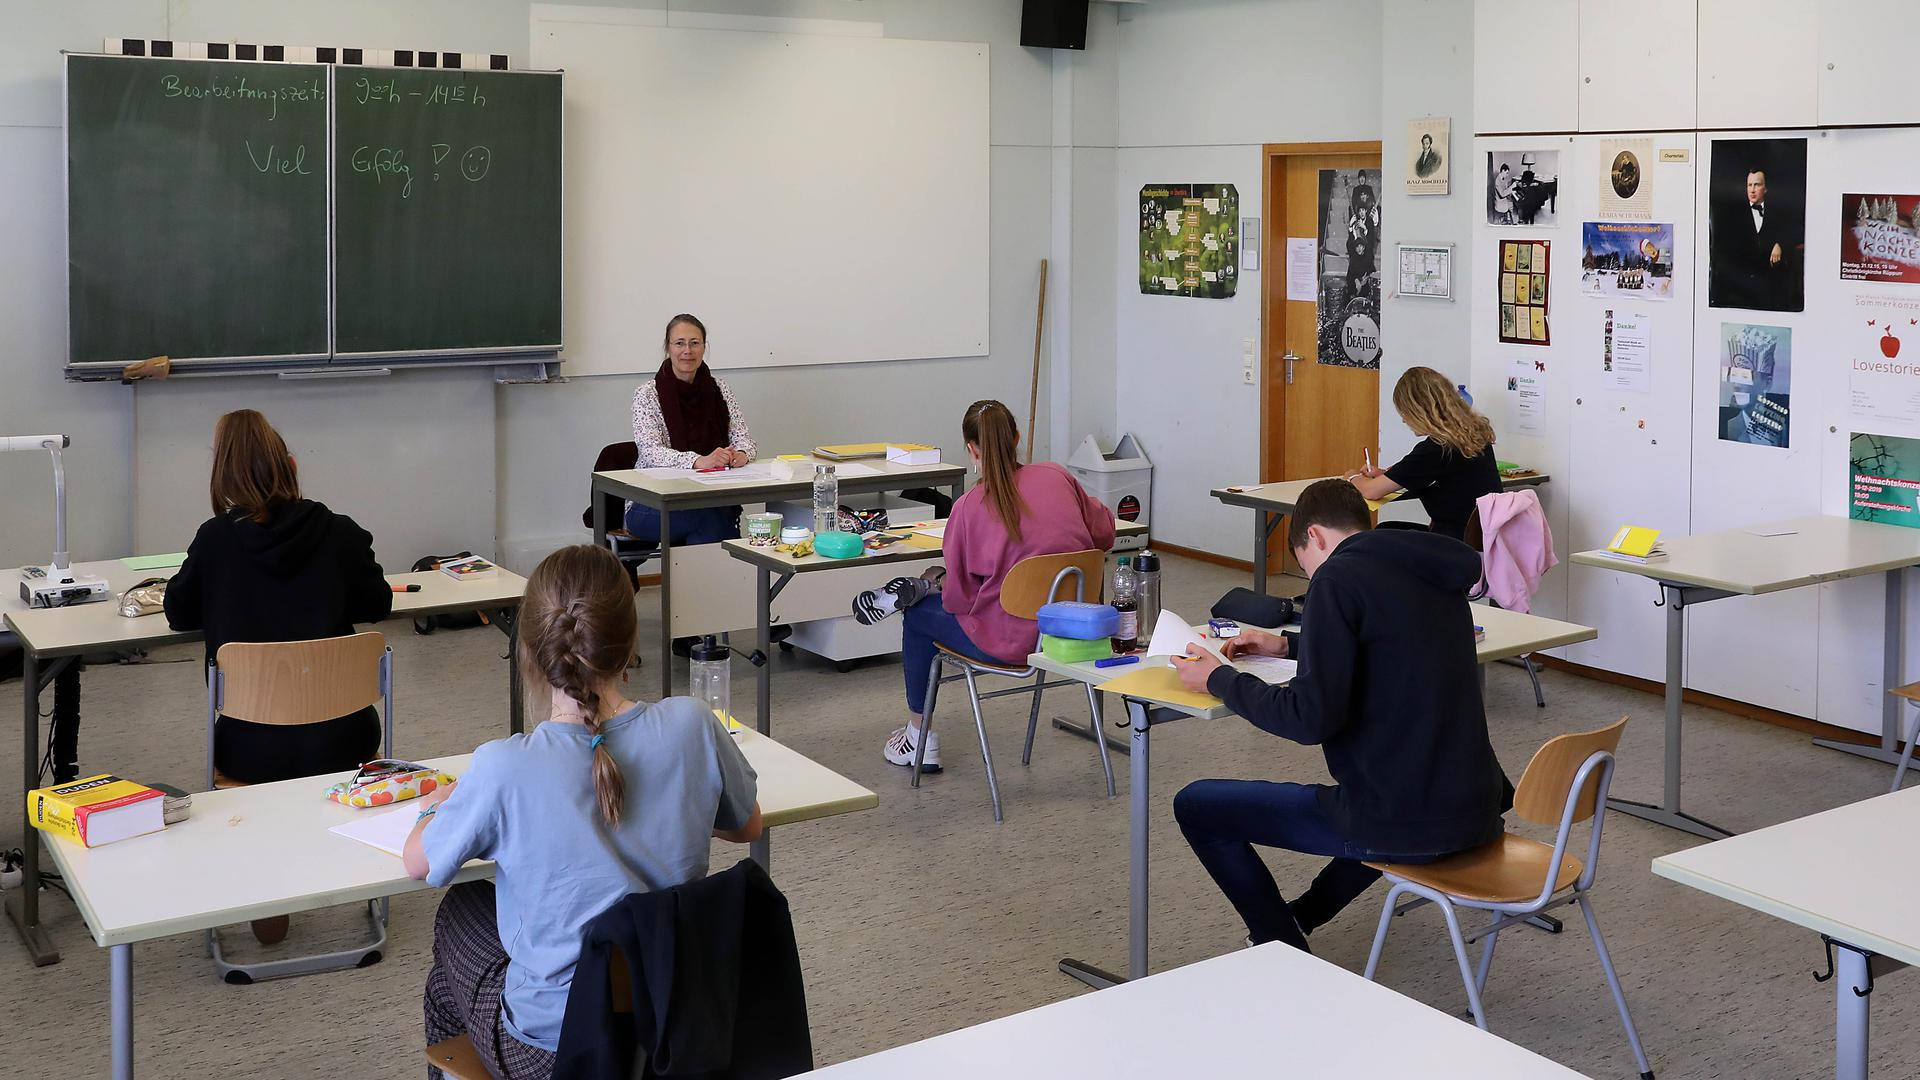 Schüler sitzen mit Abstand in einer Klasse, vorne sitzt die Lehrerin am Tisch.